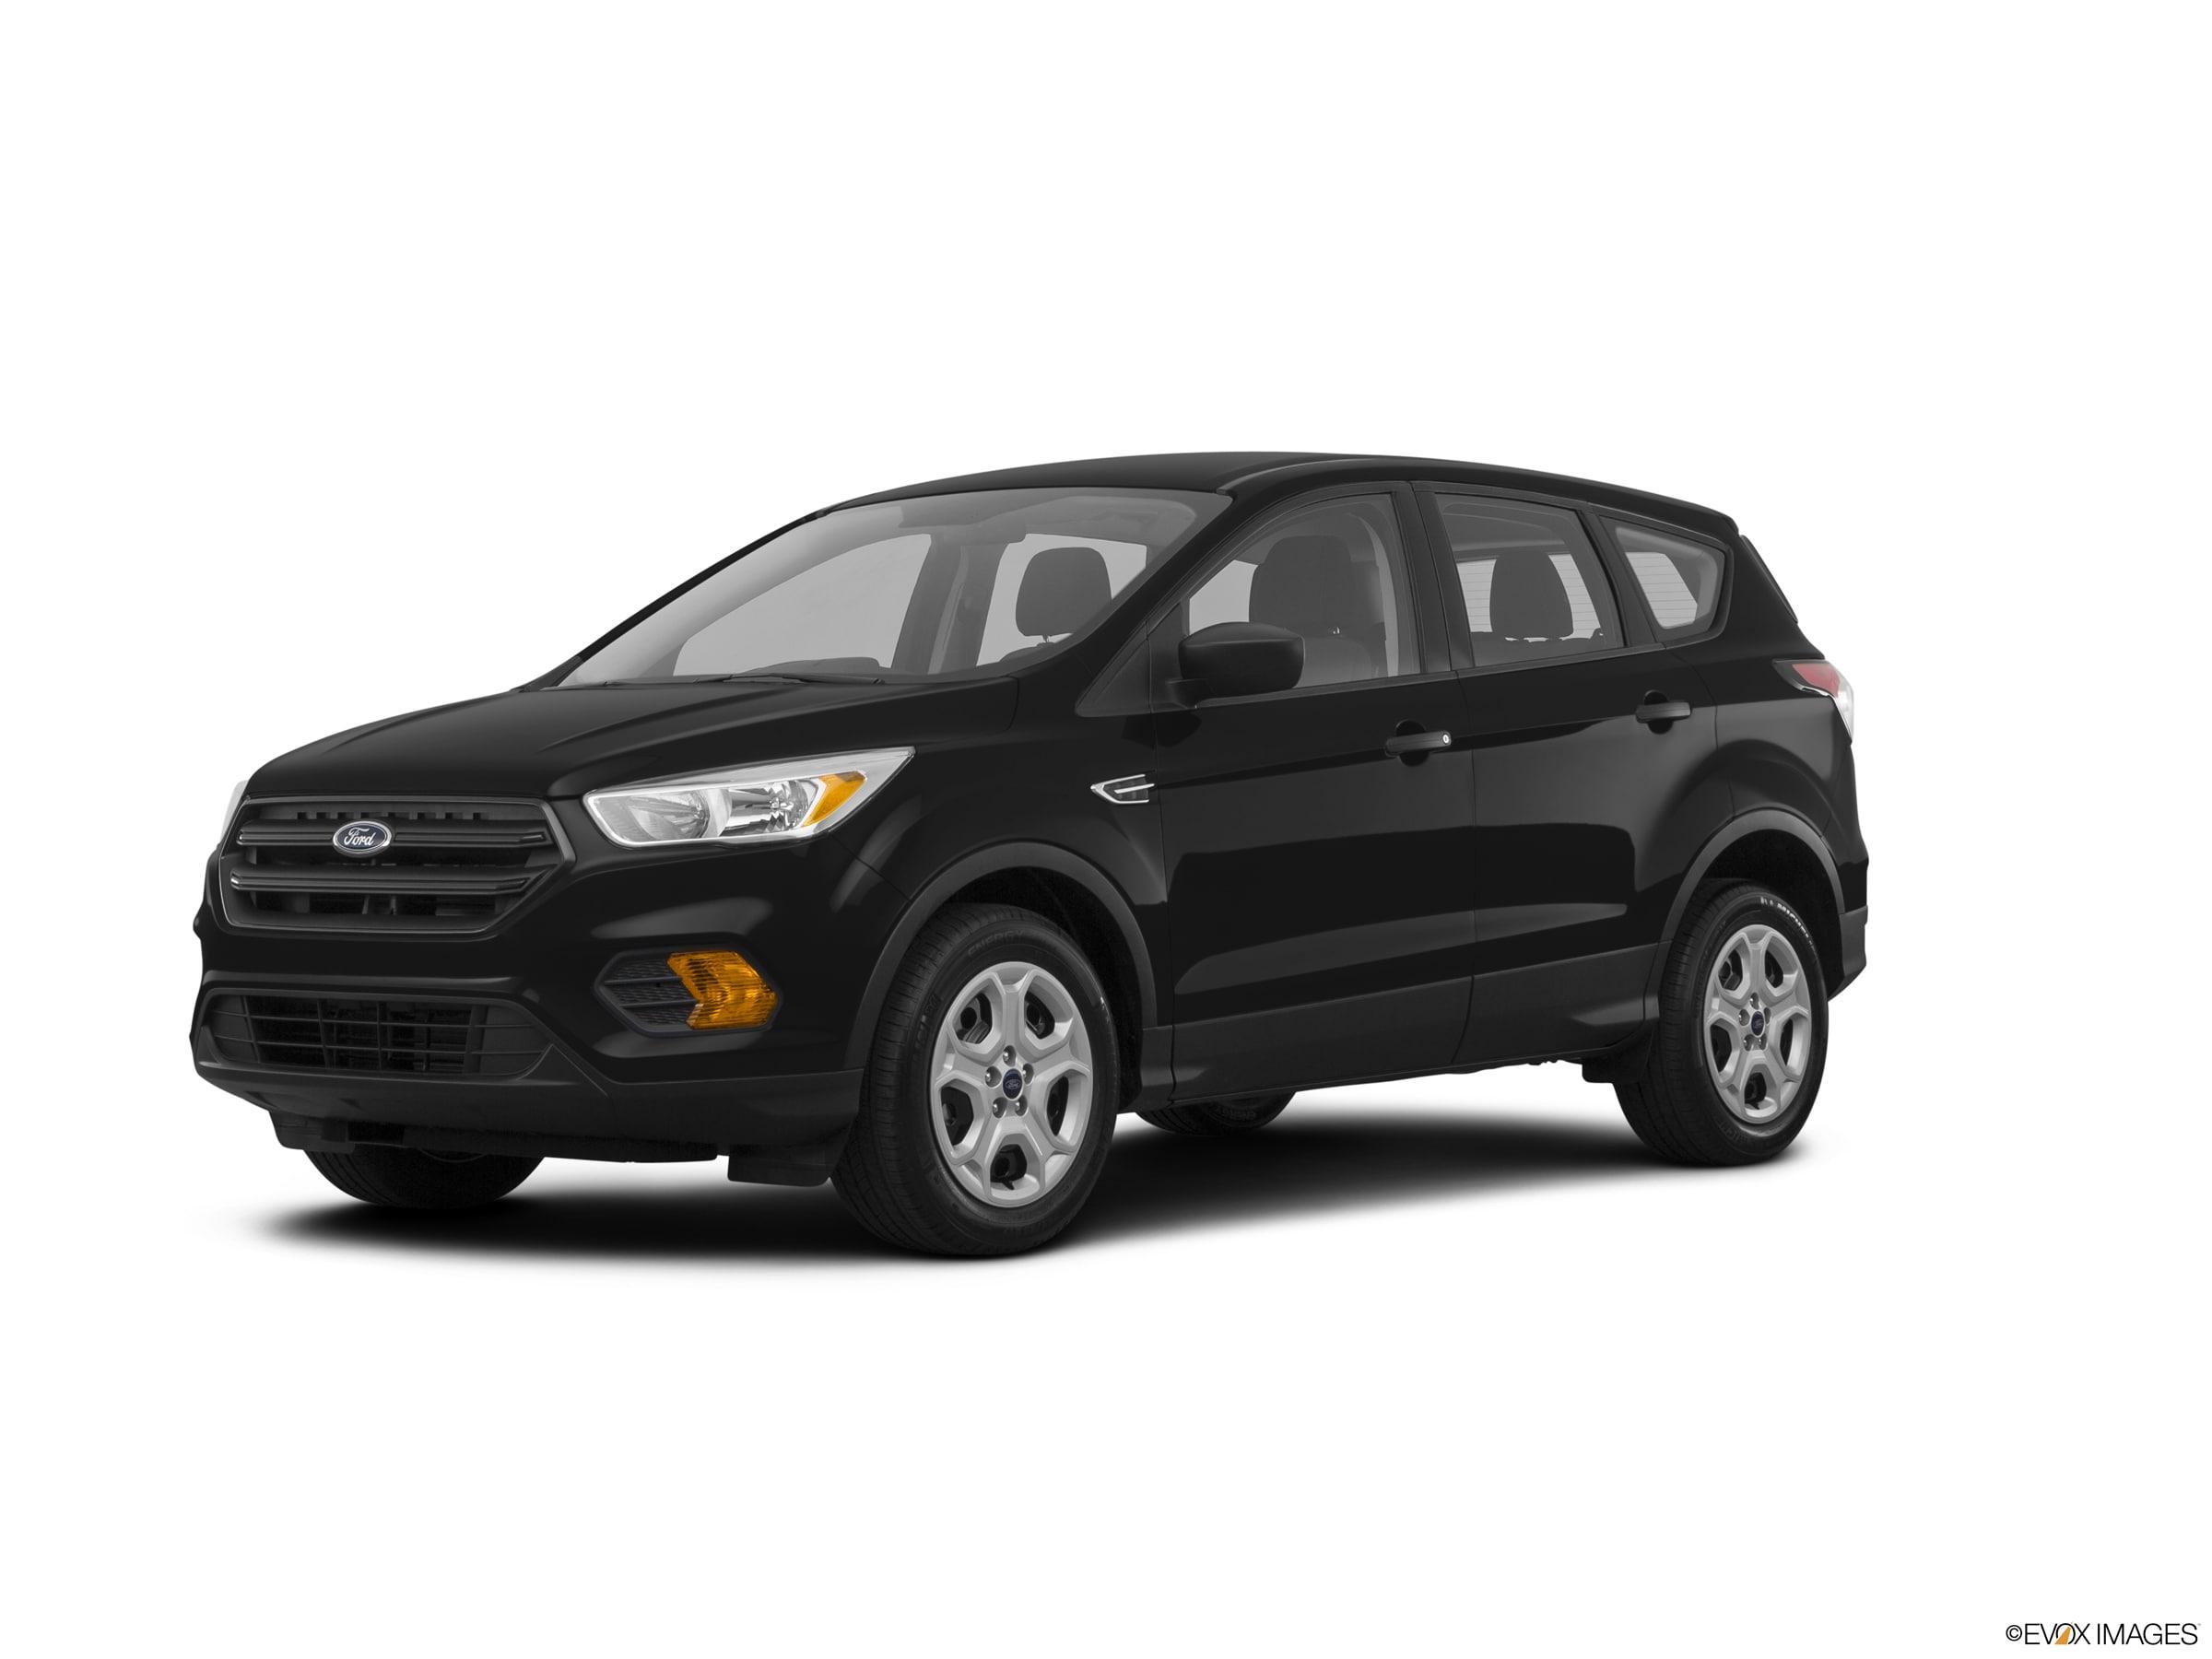 2017 Ford Escape S SUV